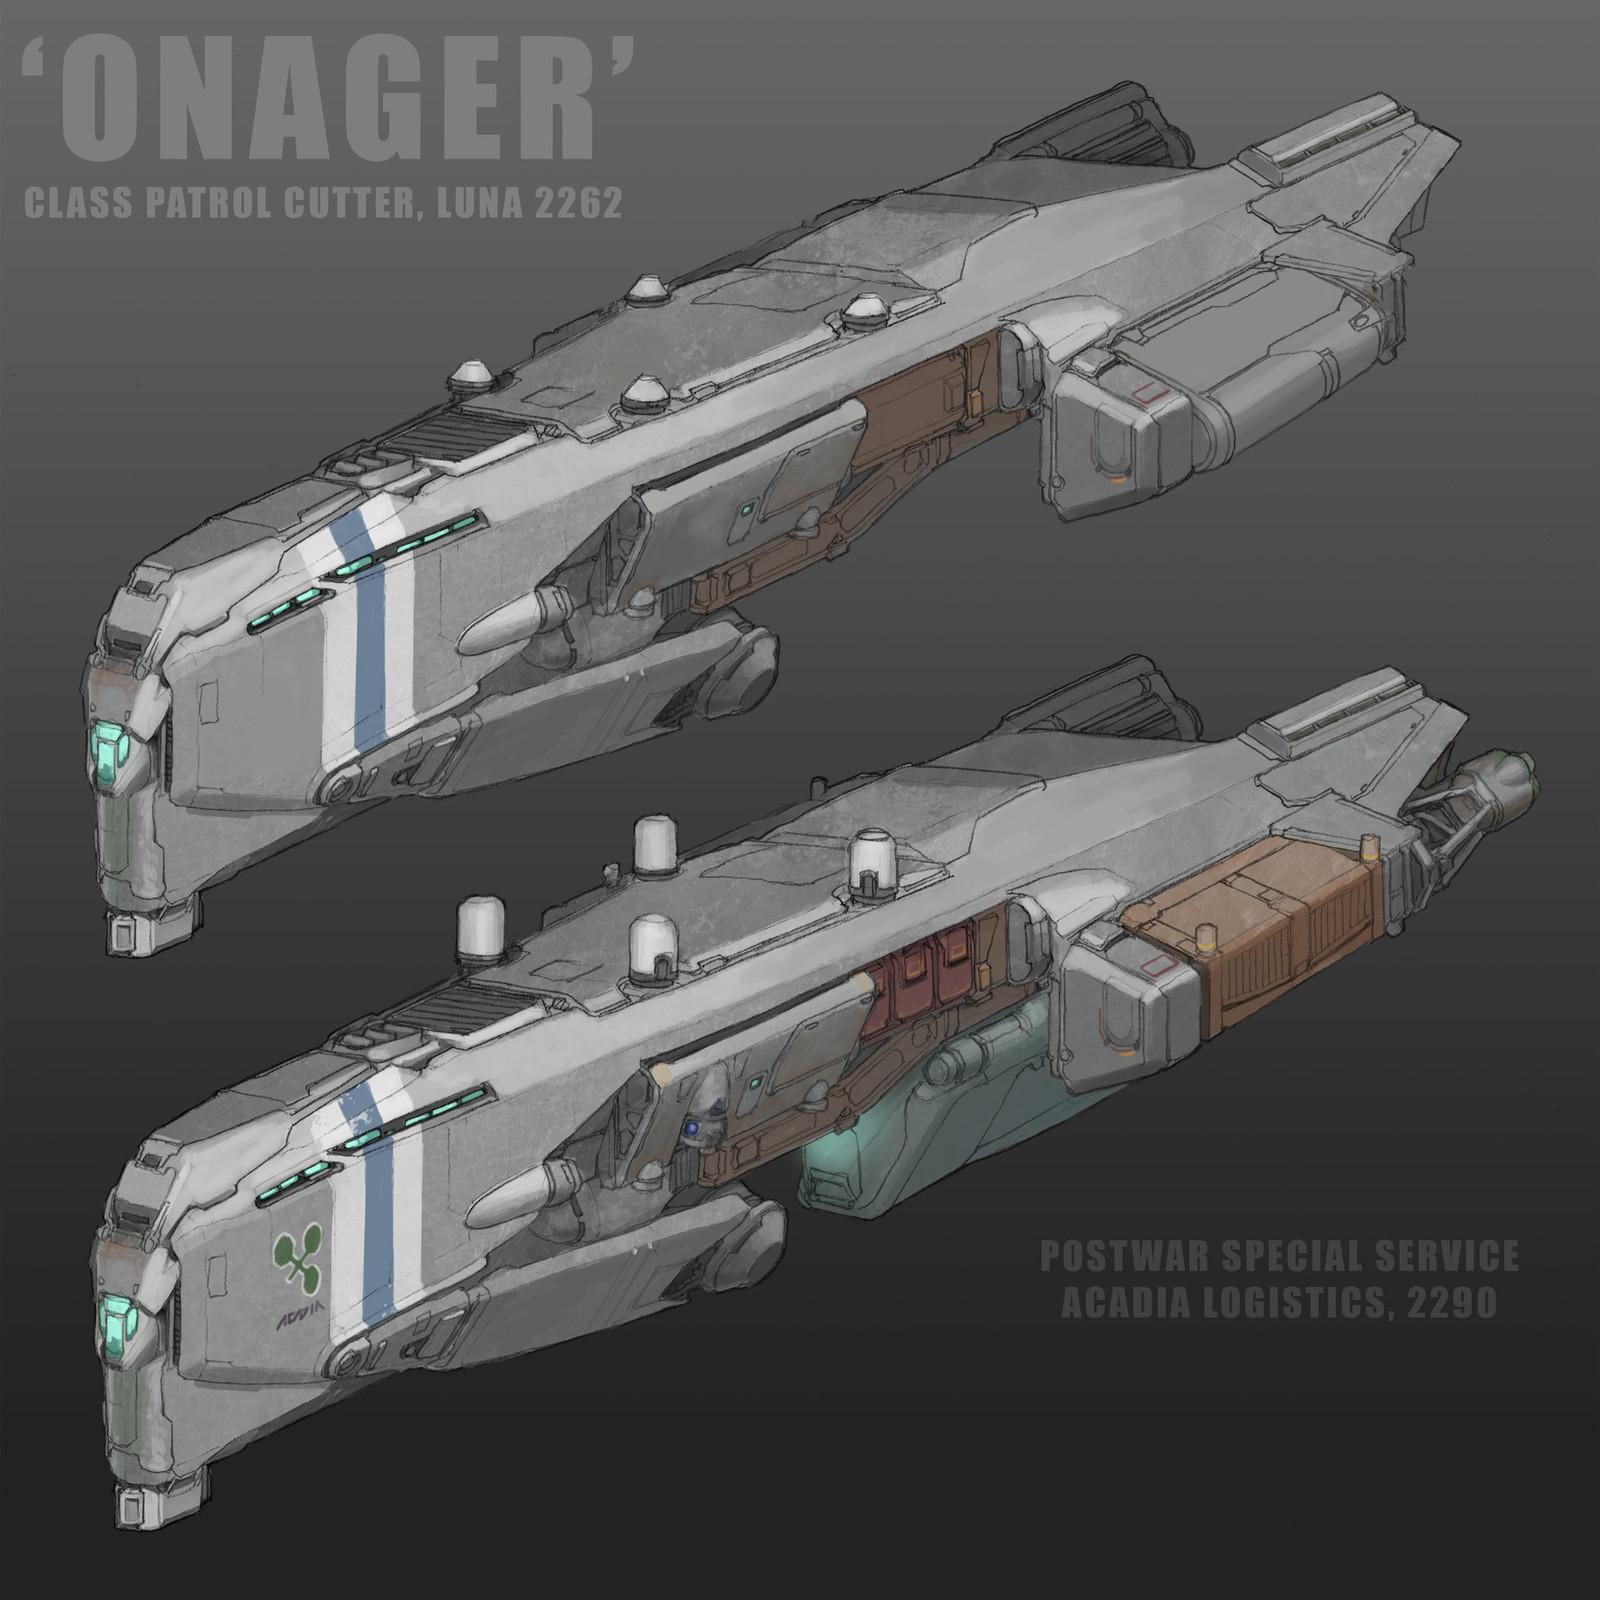 'Onager' Class Patrol Cutter